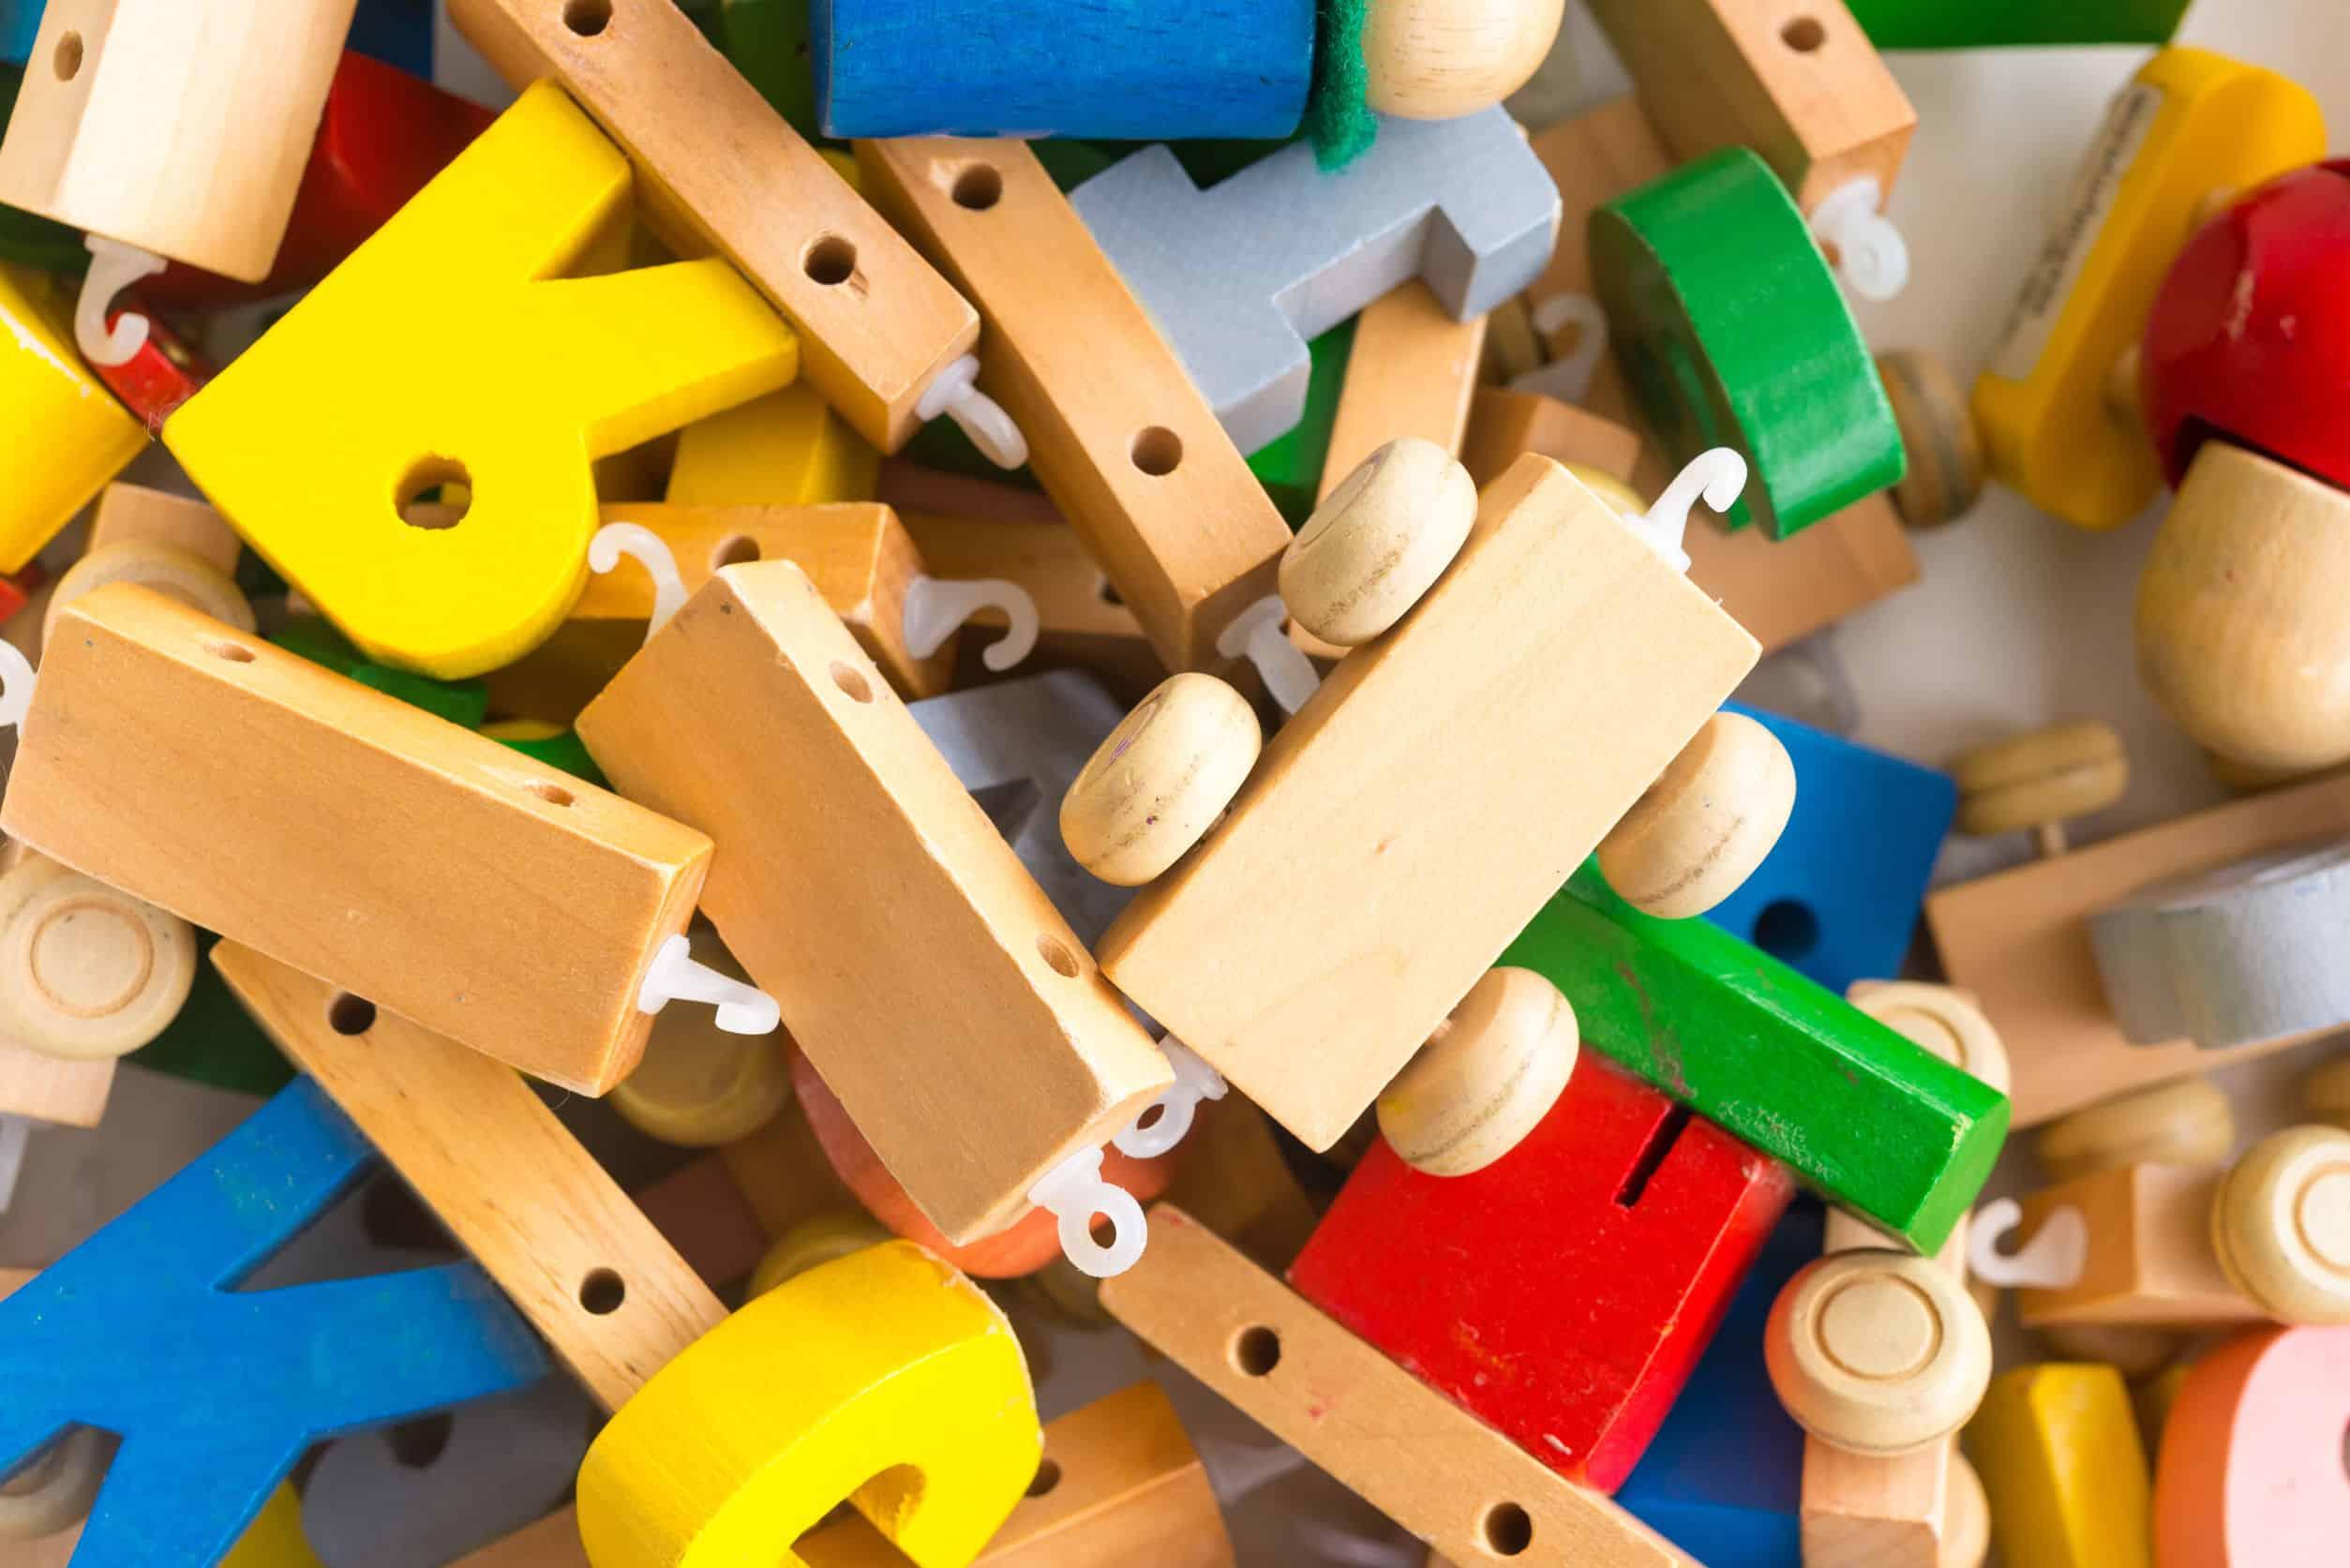 Variedad de juguetes para niño de 1 año destacada